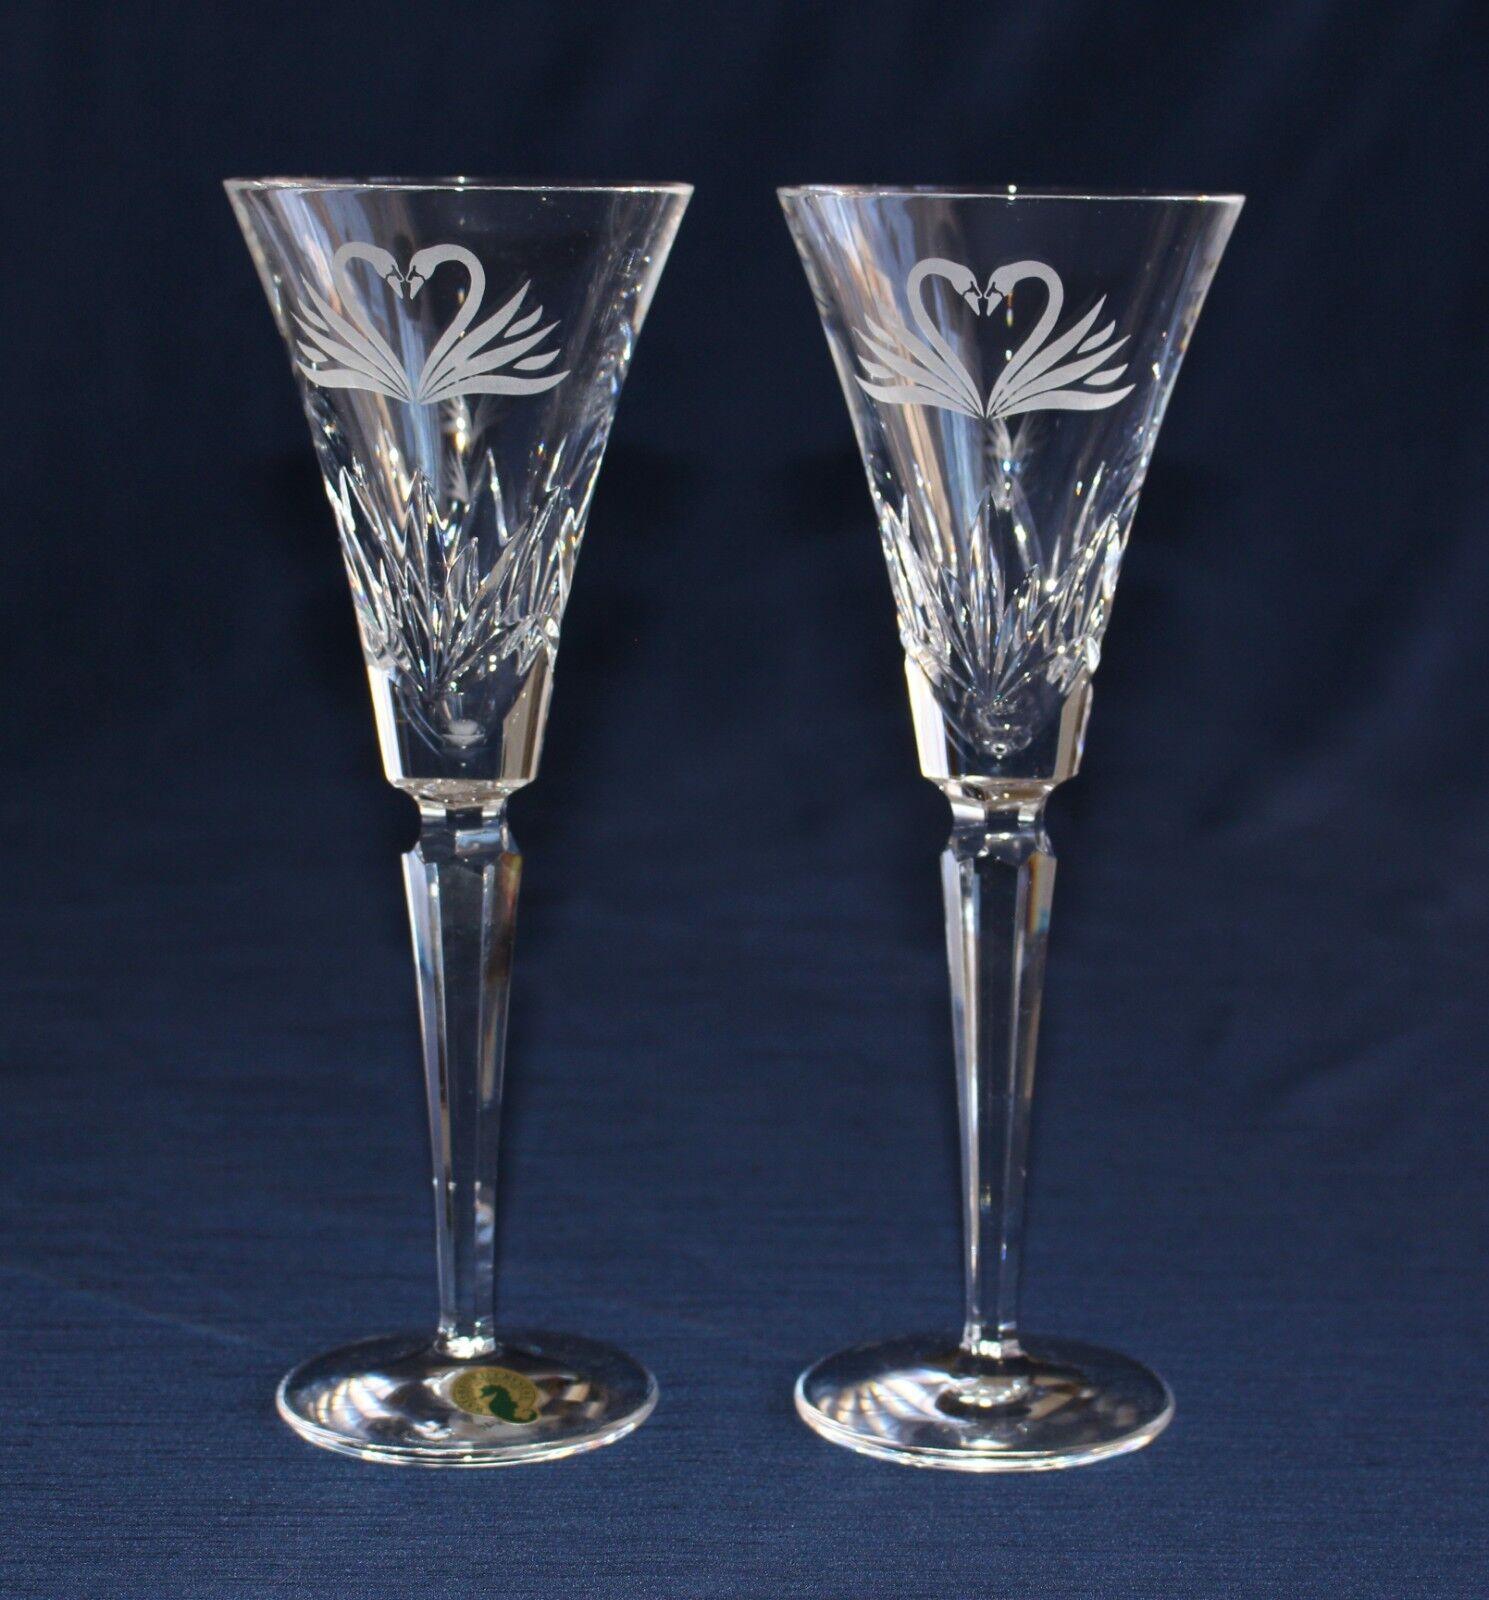 2 Waterford Cristallo Abbrustolire Matrimonio Calice per Champagne Inciso Cigno